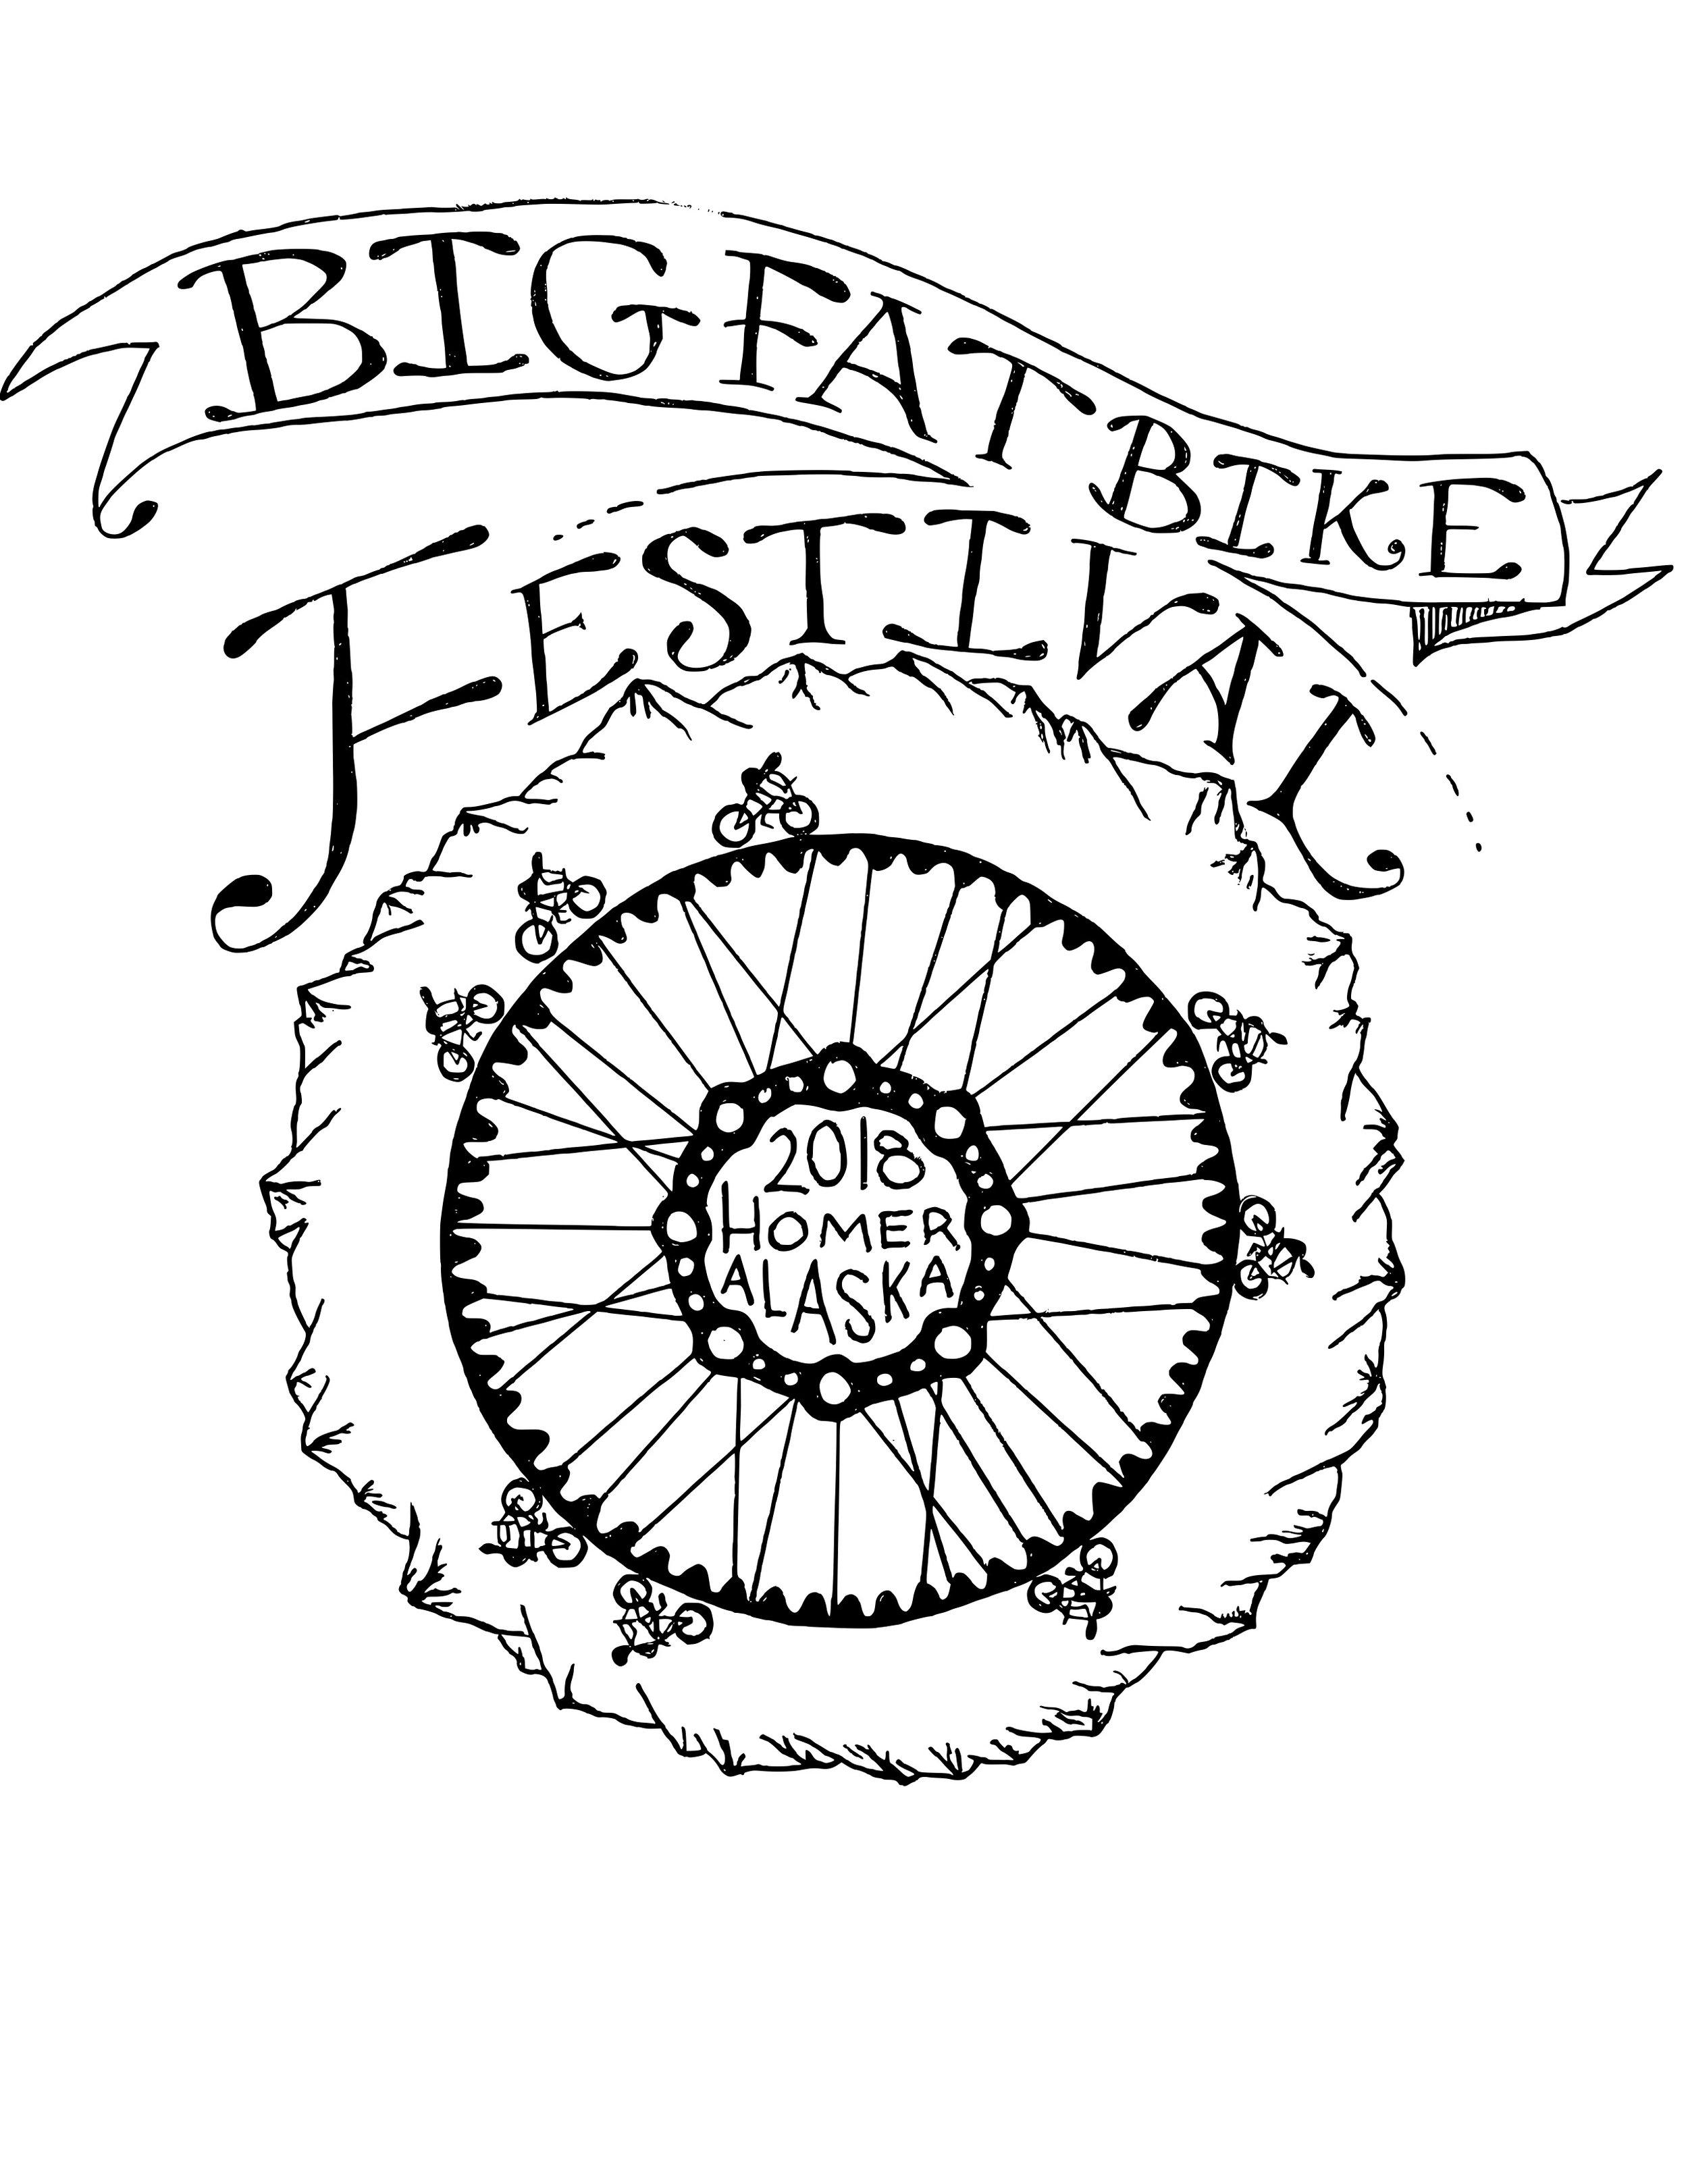 BFBF18.jpg